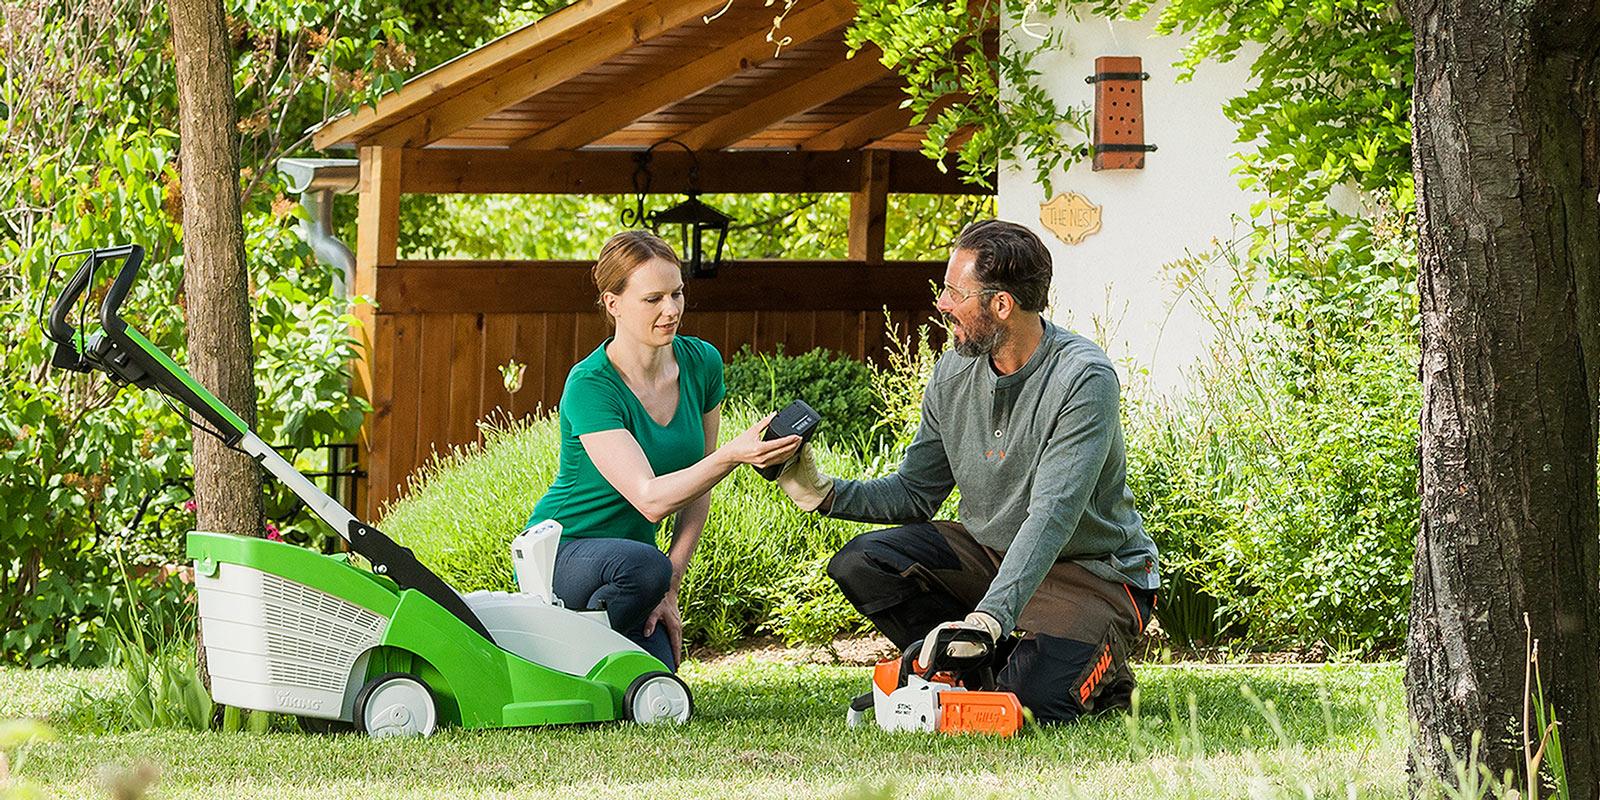 Tondeuse Viking et outillage Stihl en vente chez Keymolen A&C - Votre spécialiste en matériel pour espaces verts